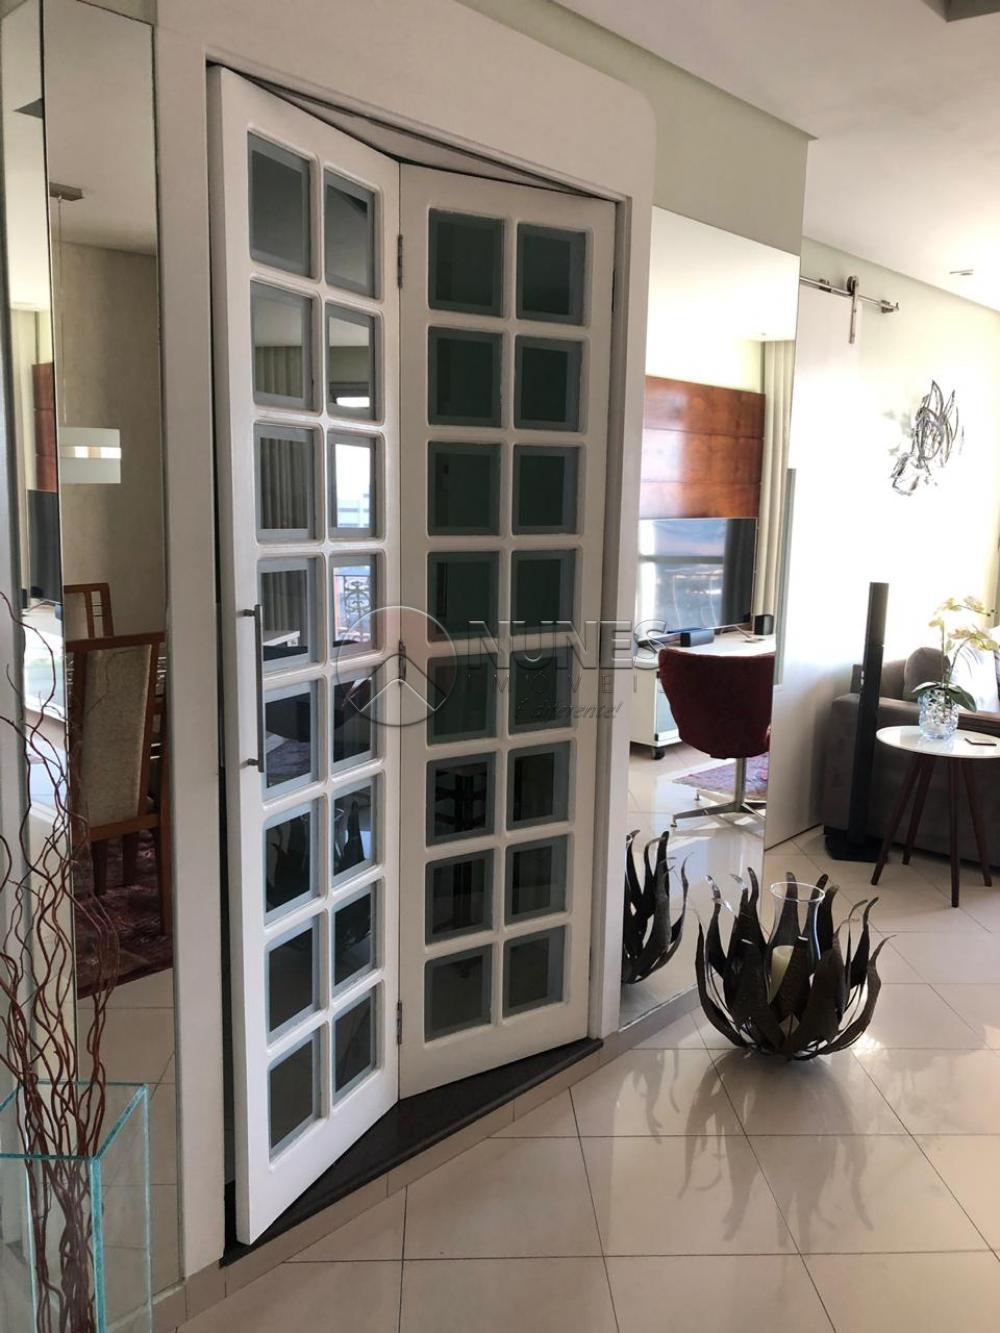 Comprar Apartamento / Padrão em Osasco apenas R$ 720.000,00 - Foto 5